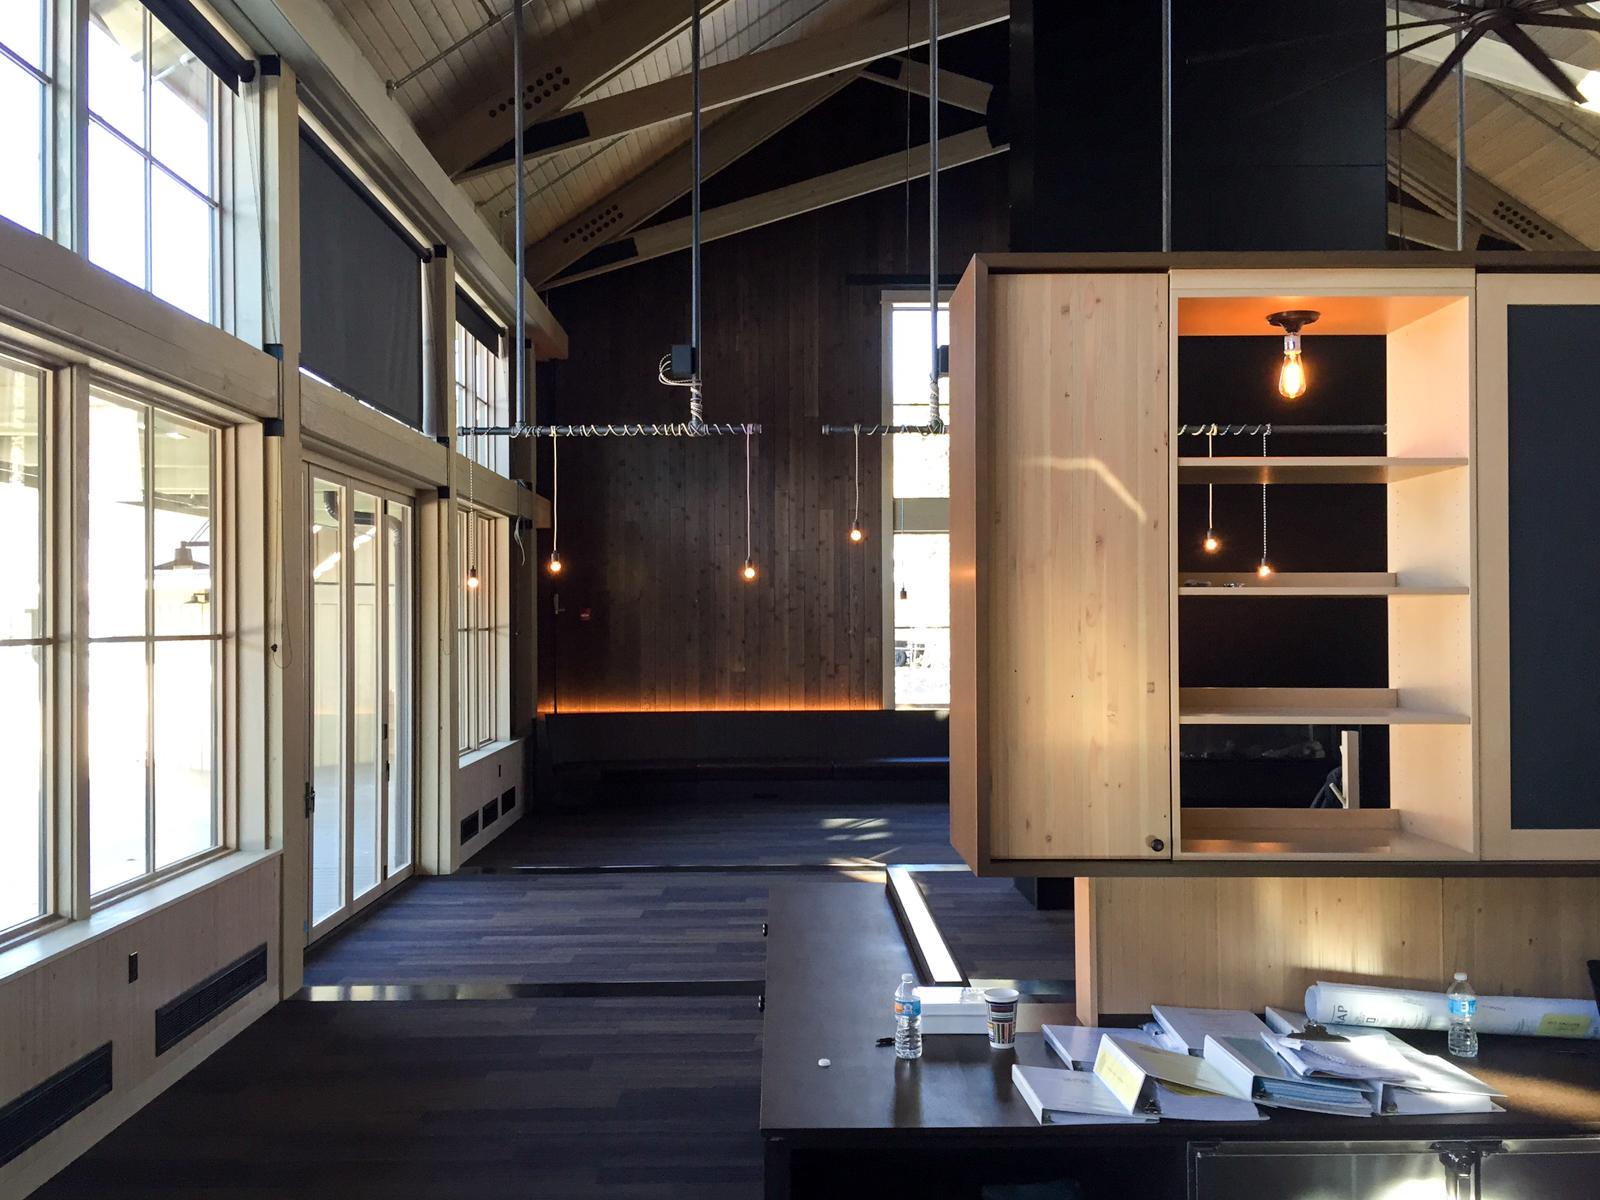 20160323-Restaurant Interior 1.jpg